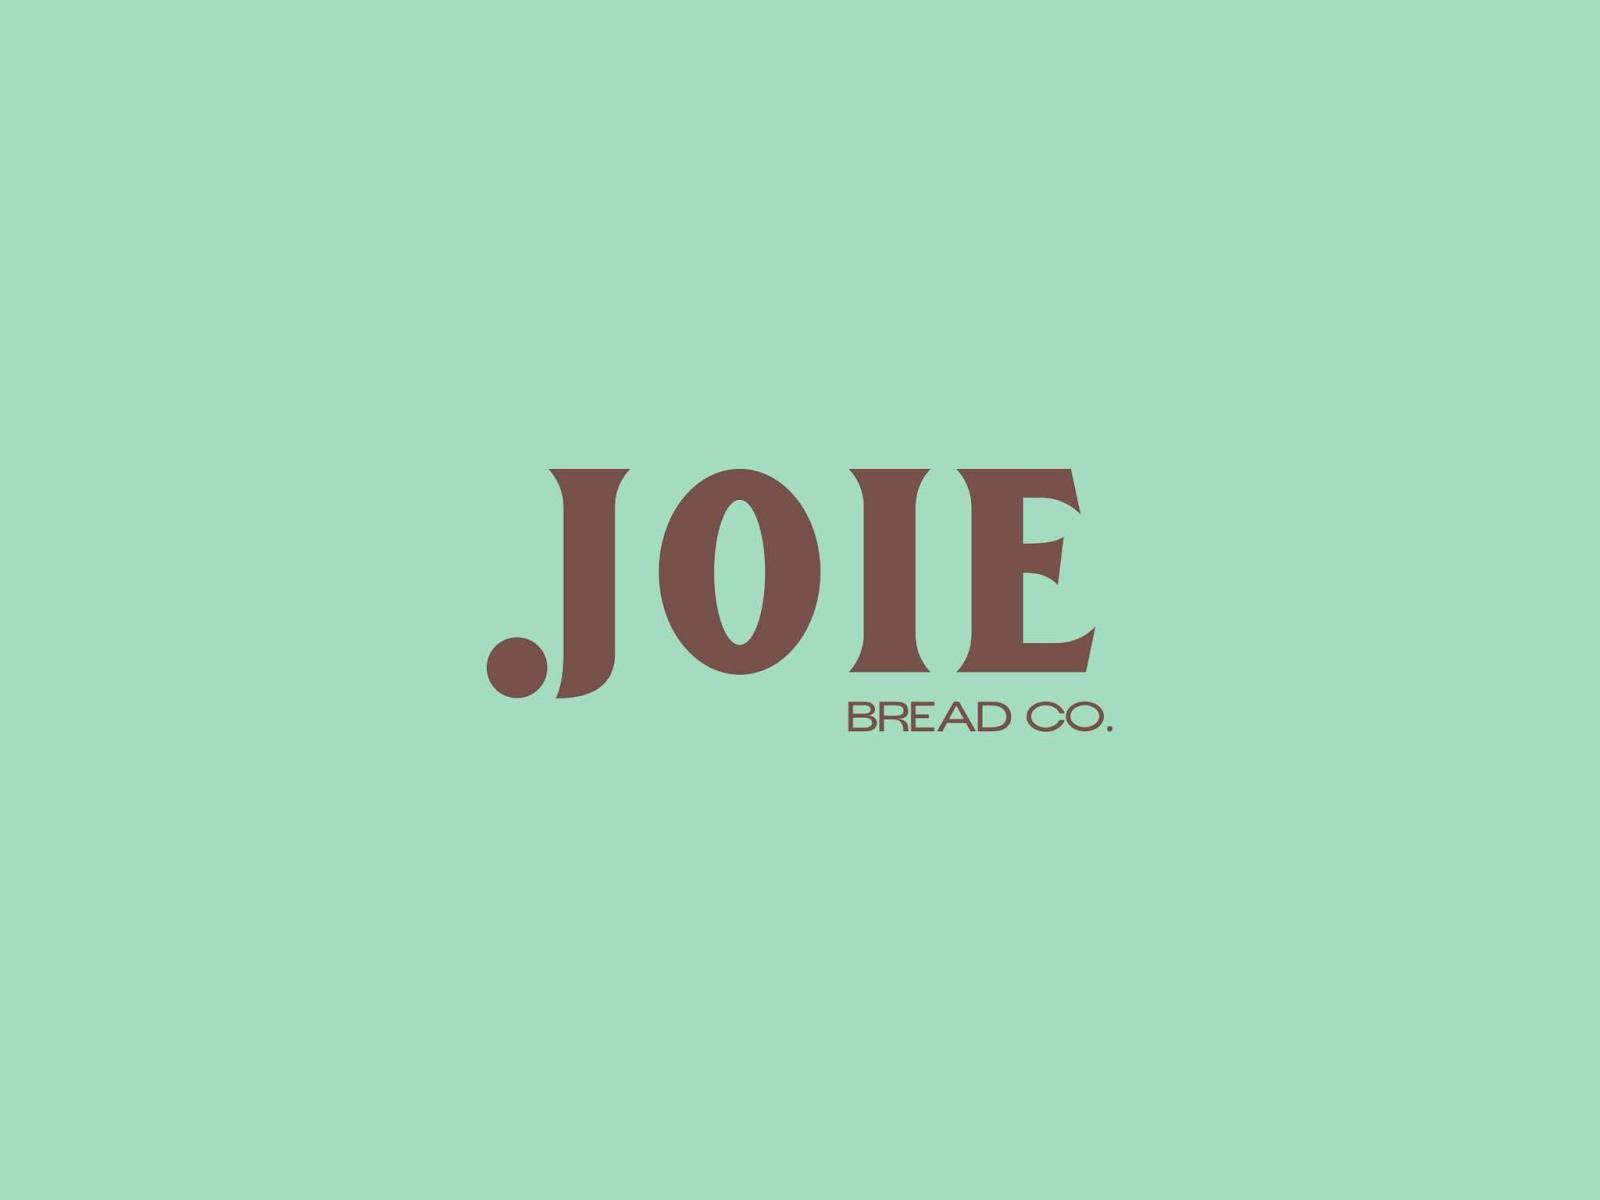 Joie-LOGO设计